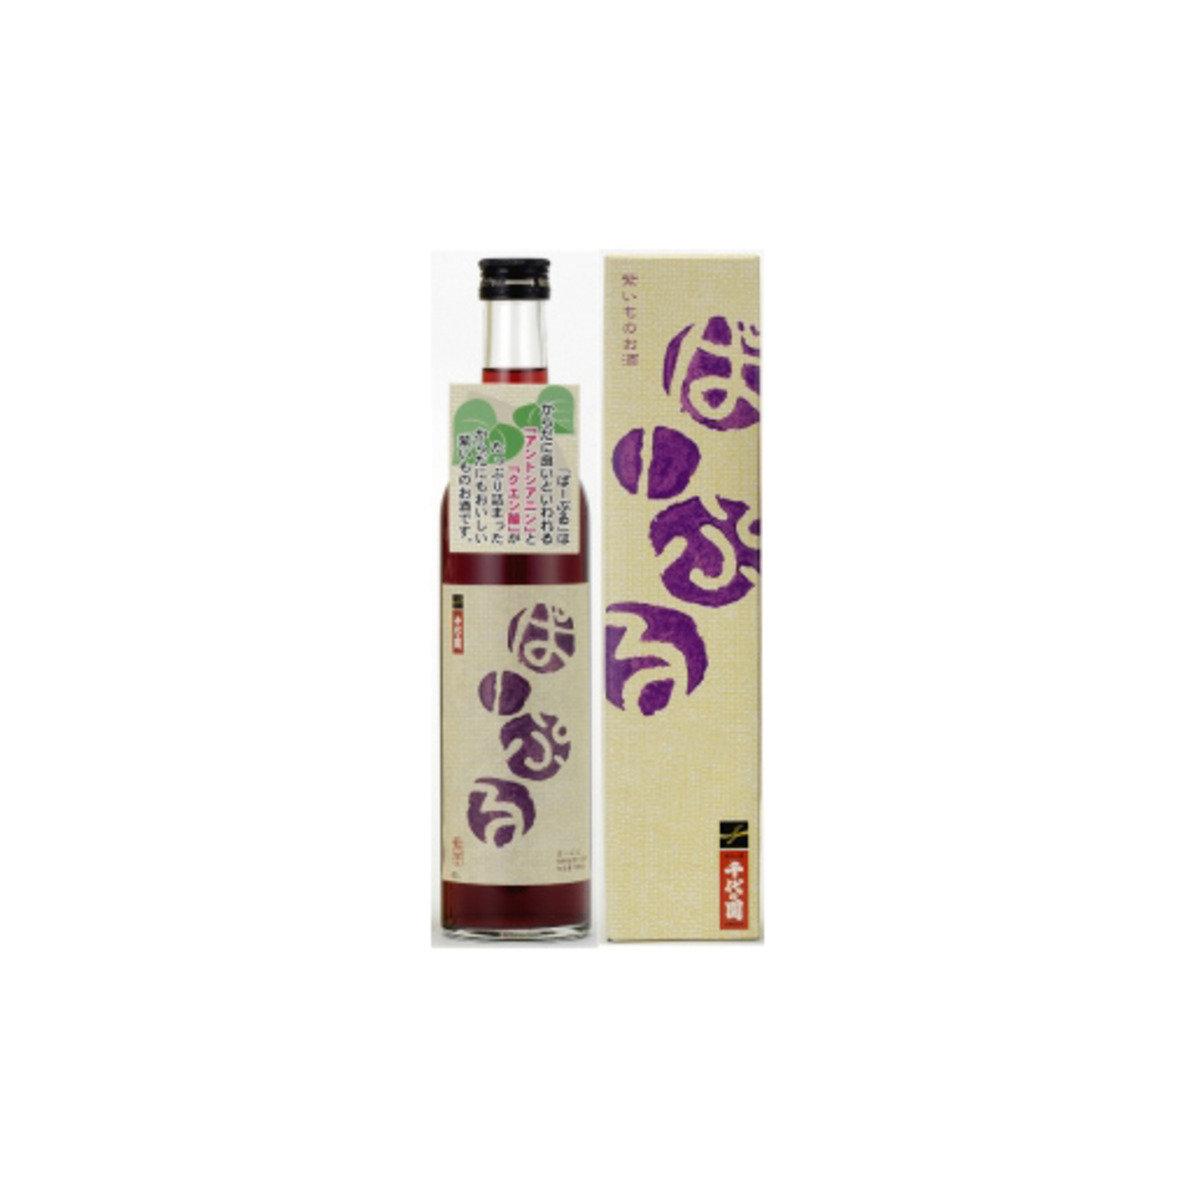 熊本 紫番薯酒 '紫' (500毫升)